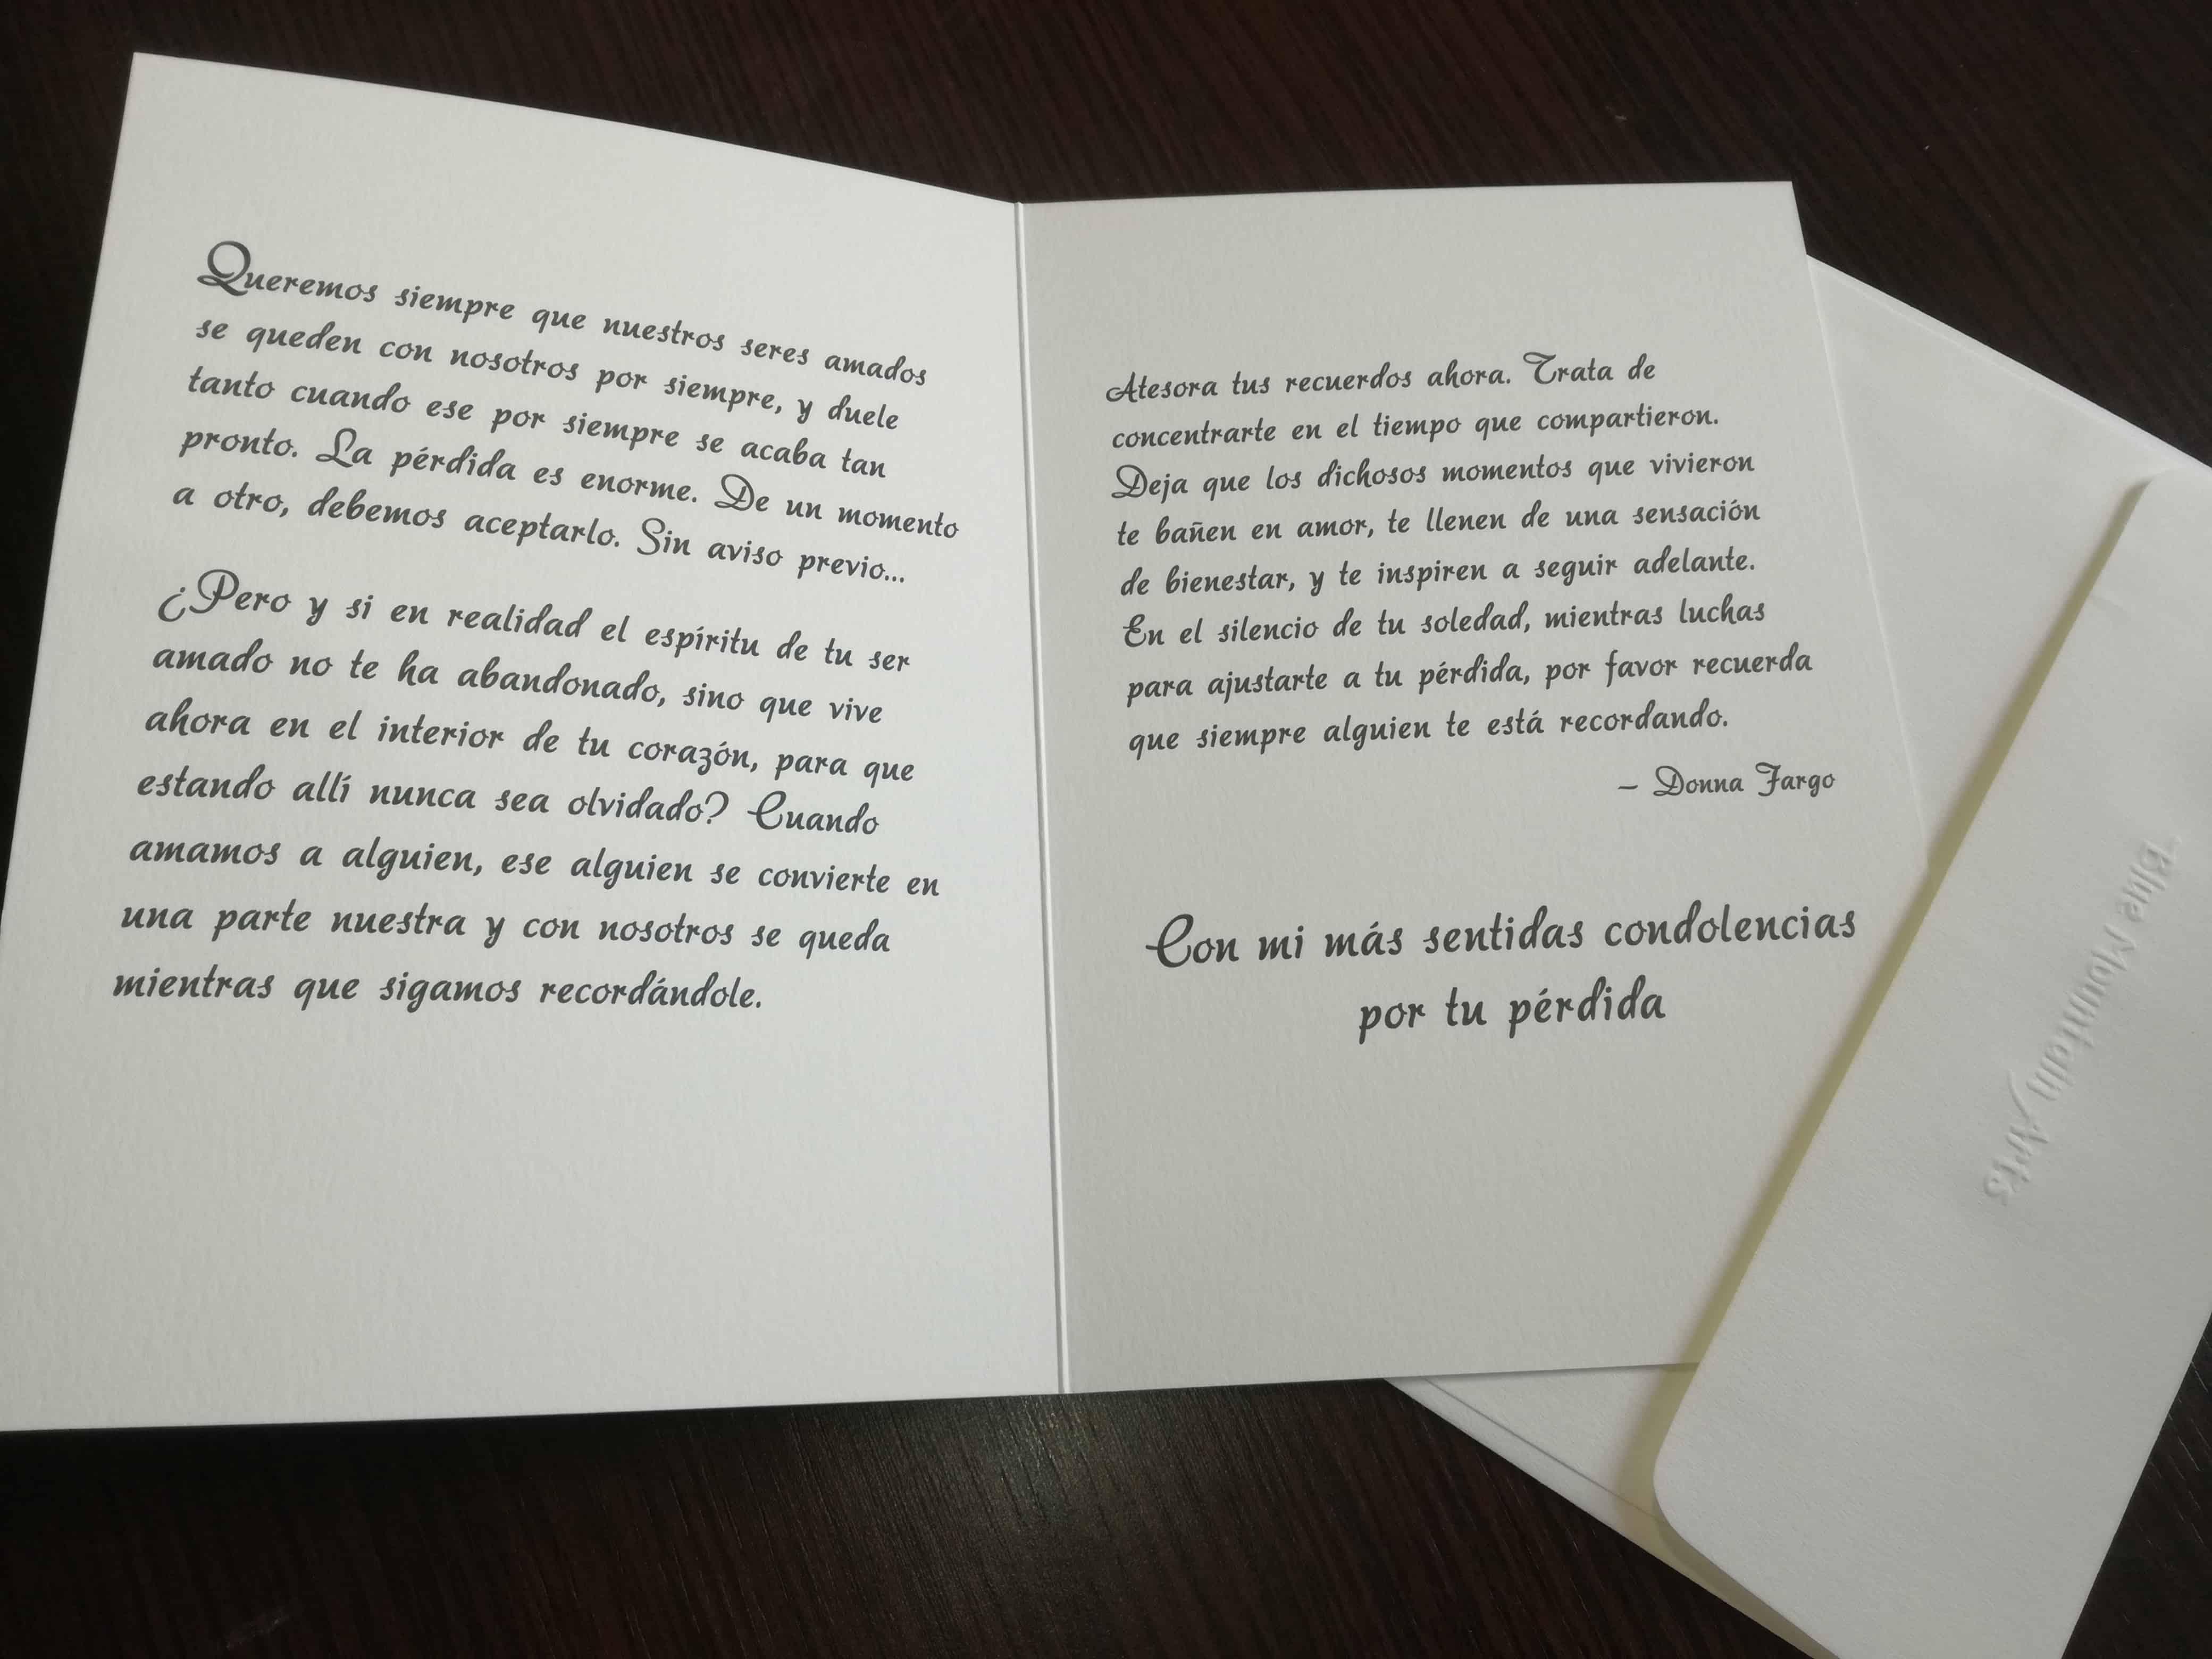 tarjeta de condolencias por la pérdida de un ser querido